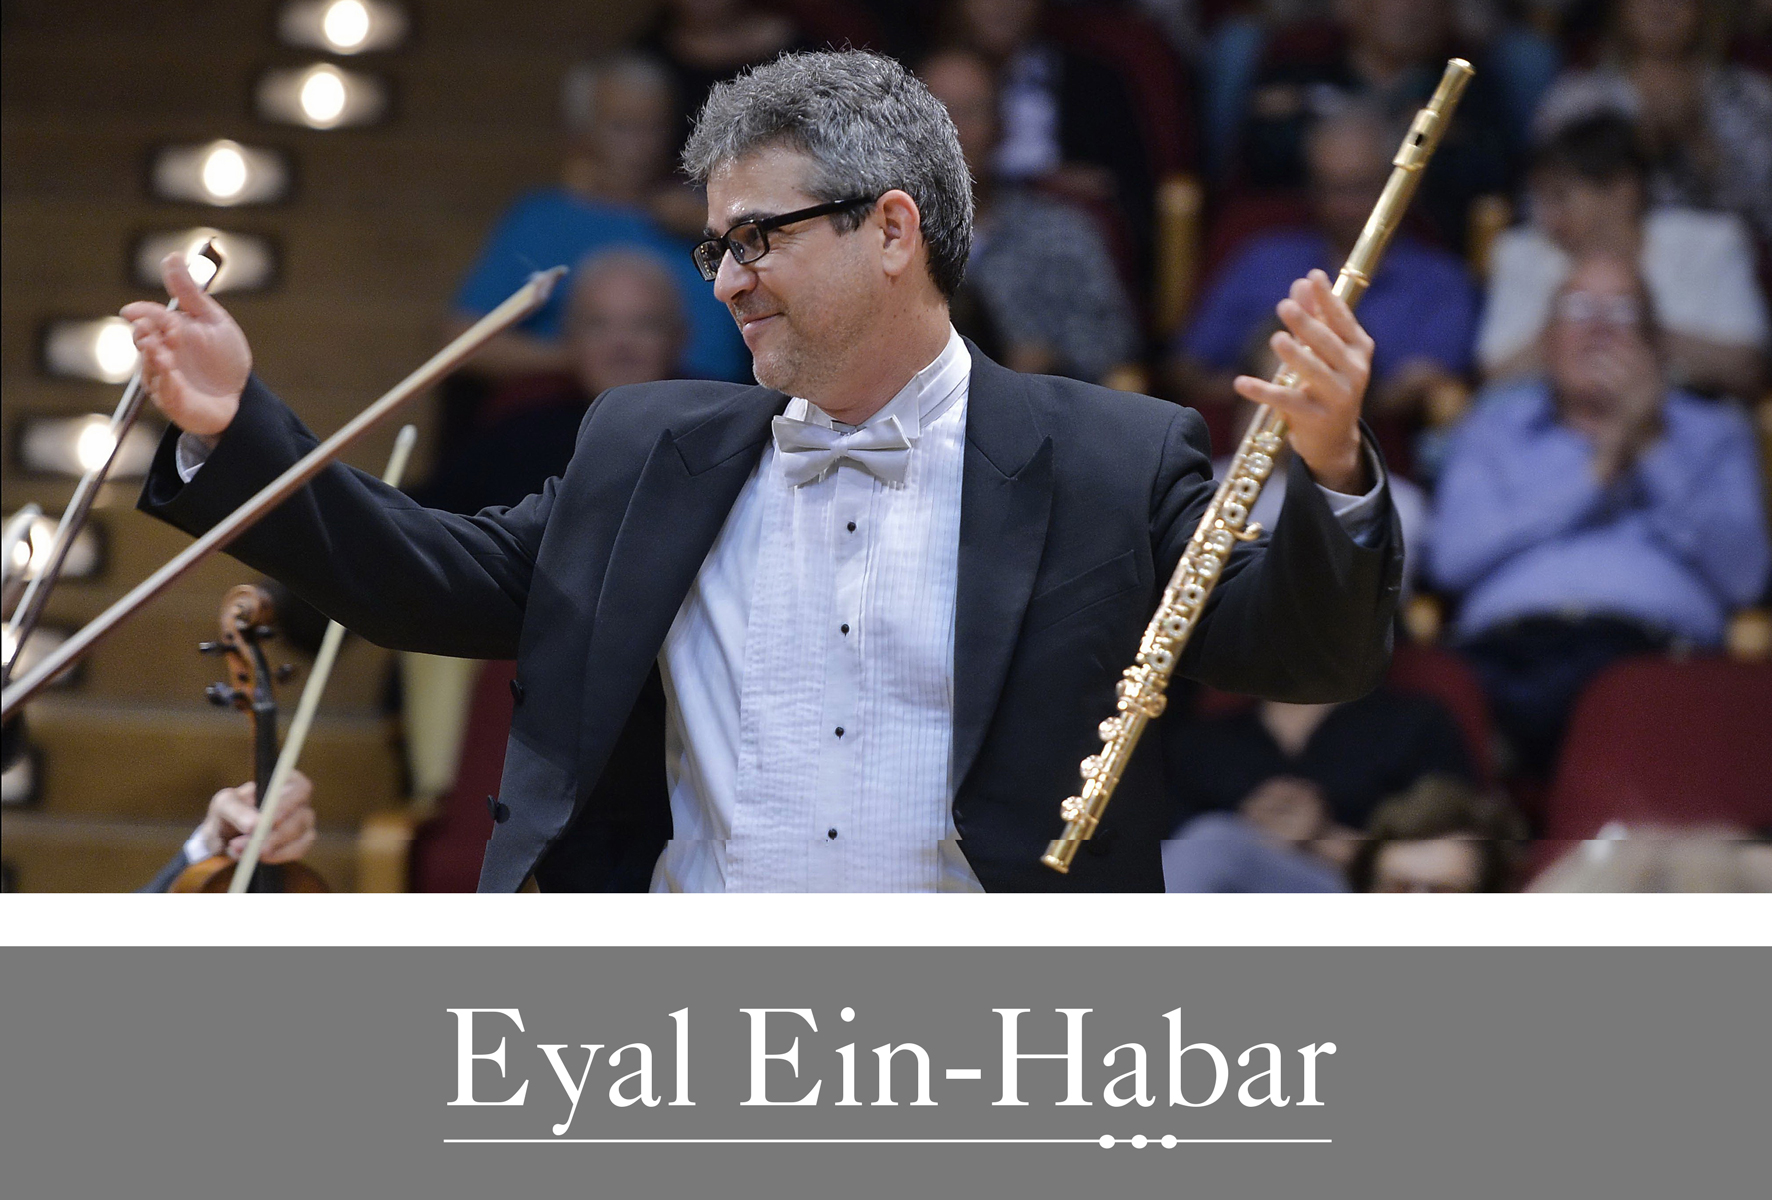 Eyal Ein-Habar